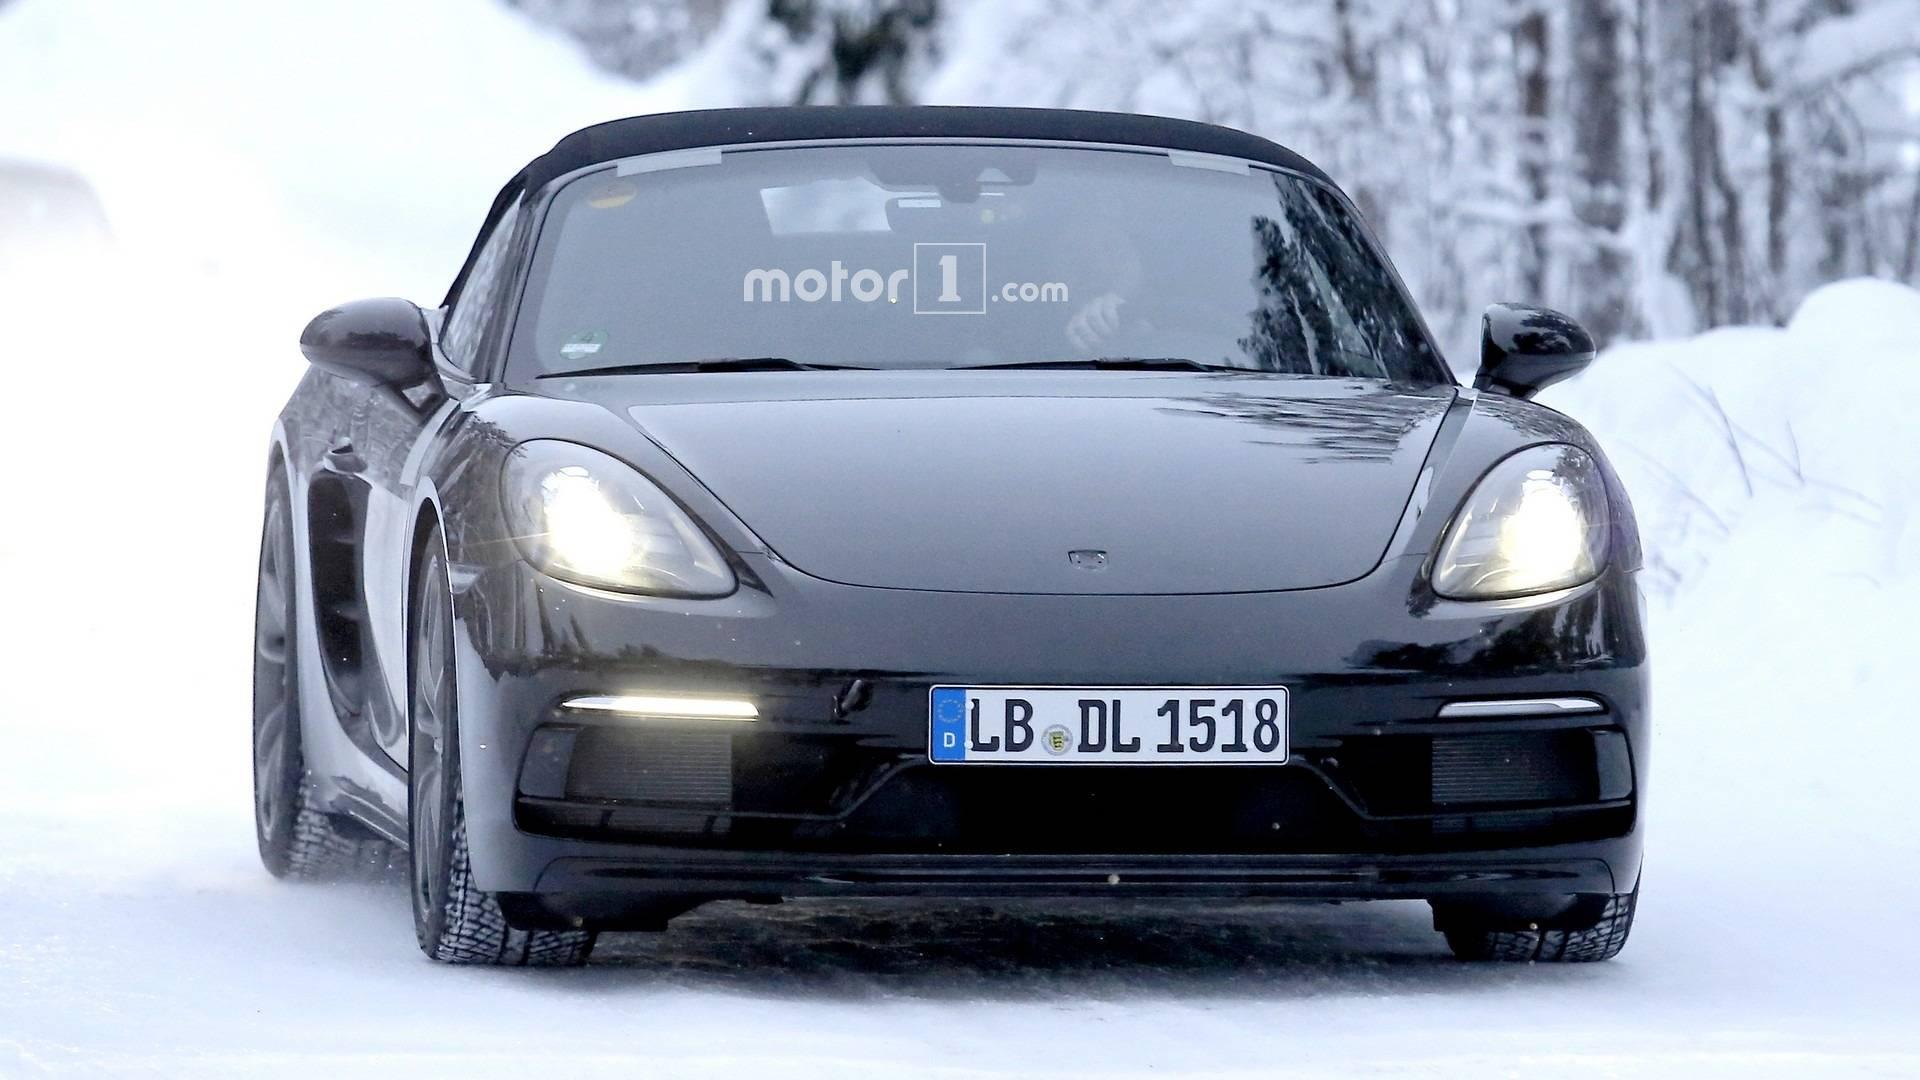 پورشه 718 باکستر - اجاره ماشین - اجاره خودرو - کرایه ماشین